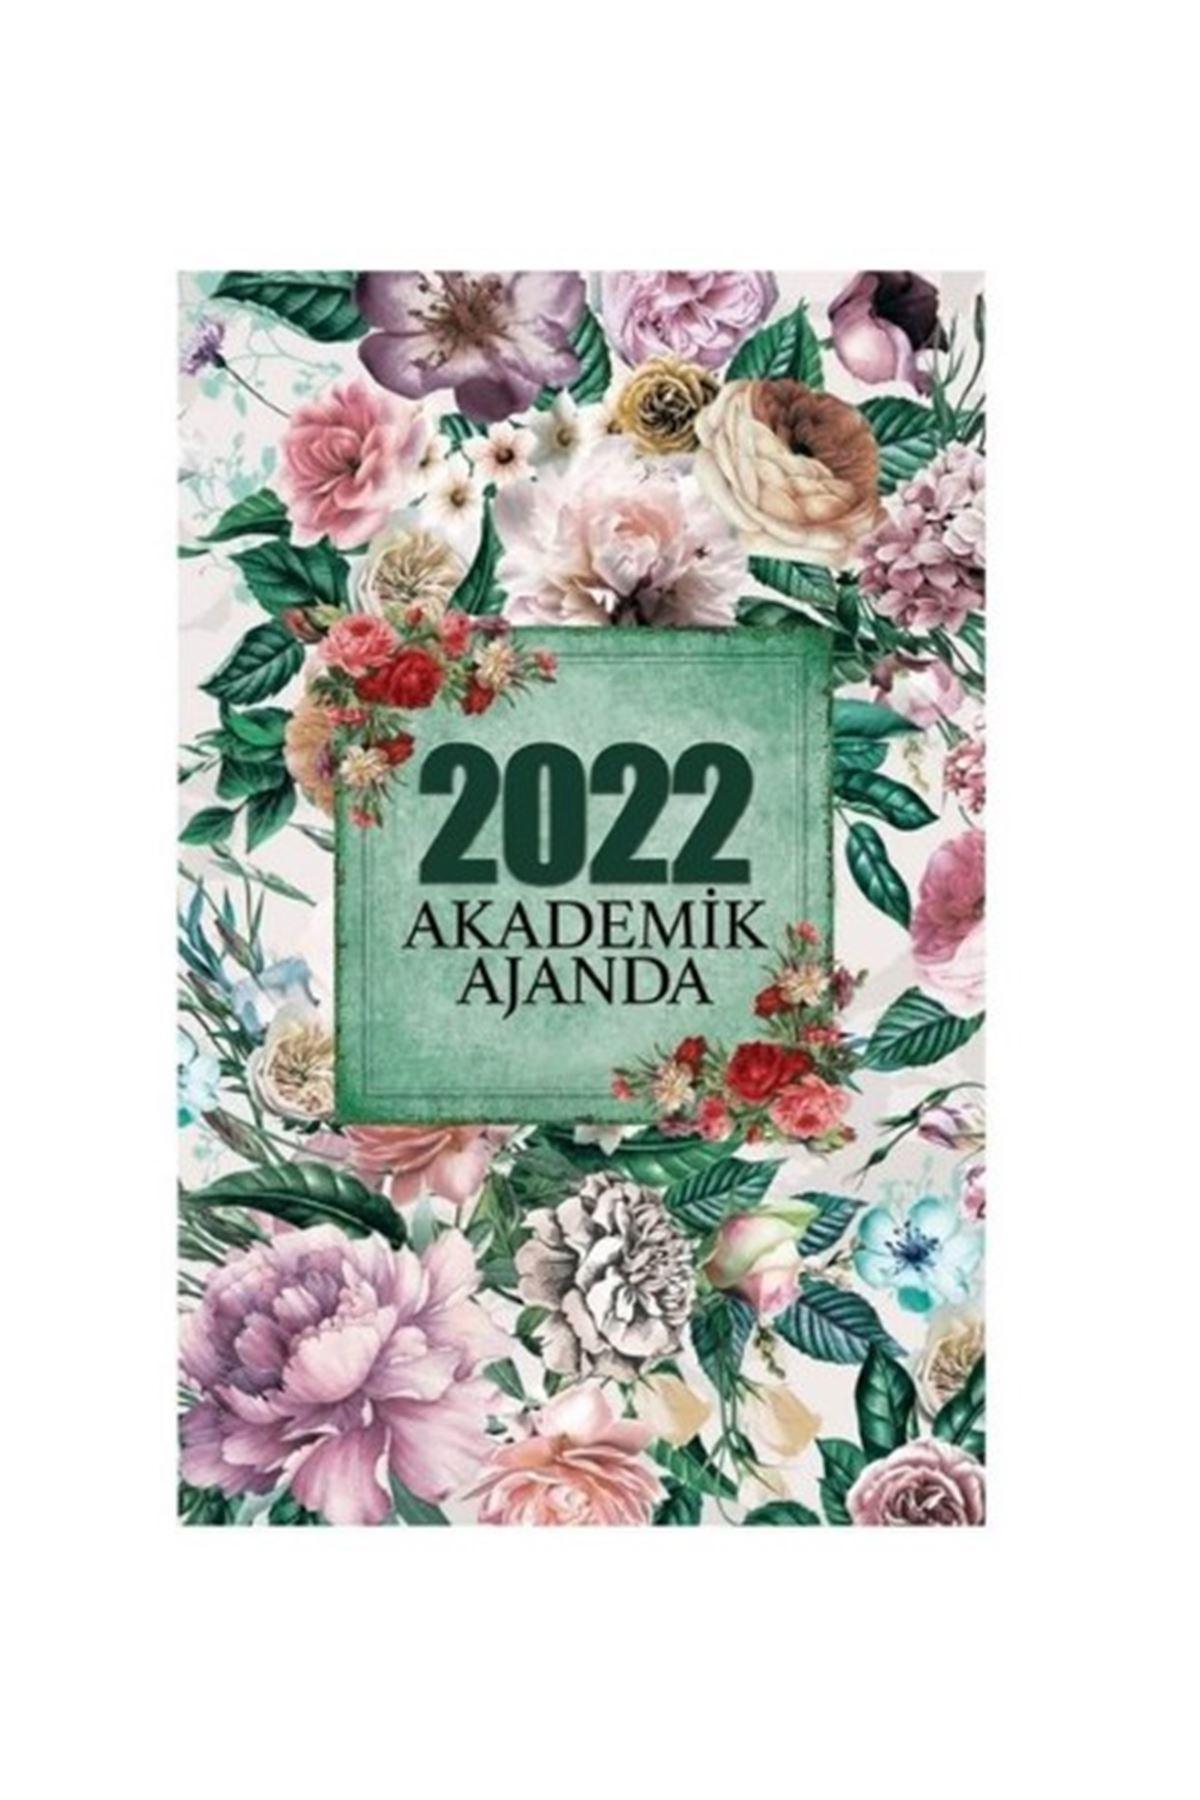 HALK 2022 AKADEMİK AJANDA NOSTALJİ